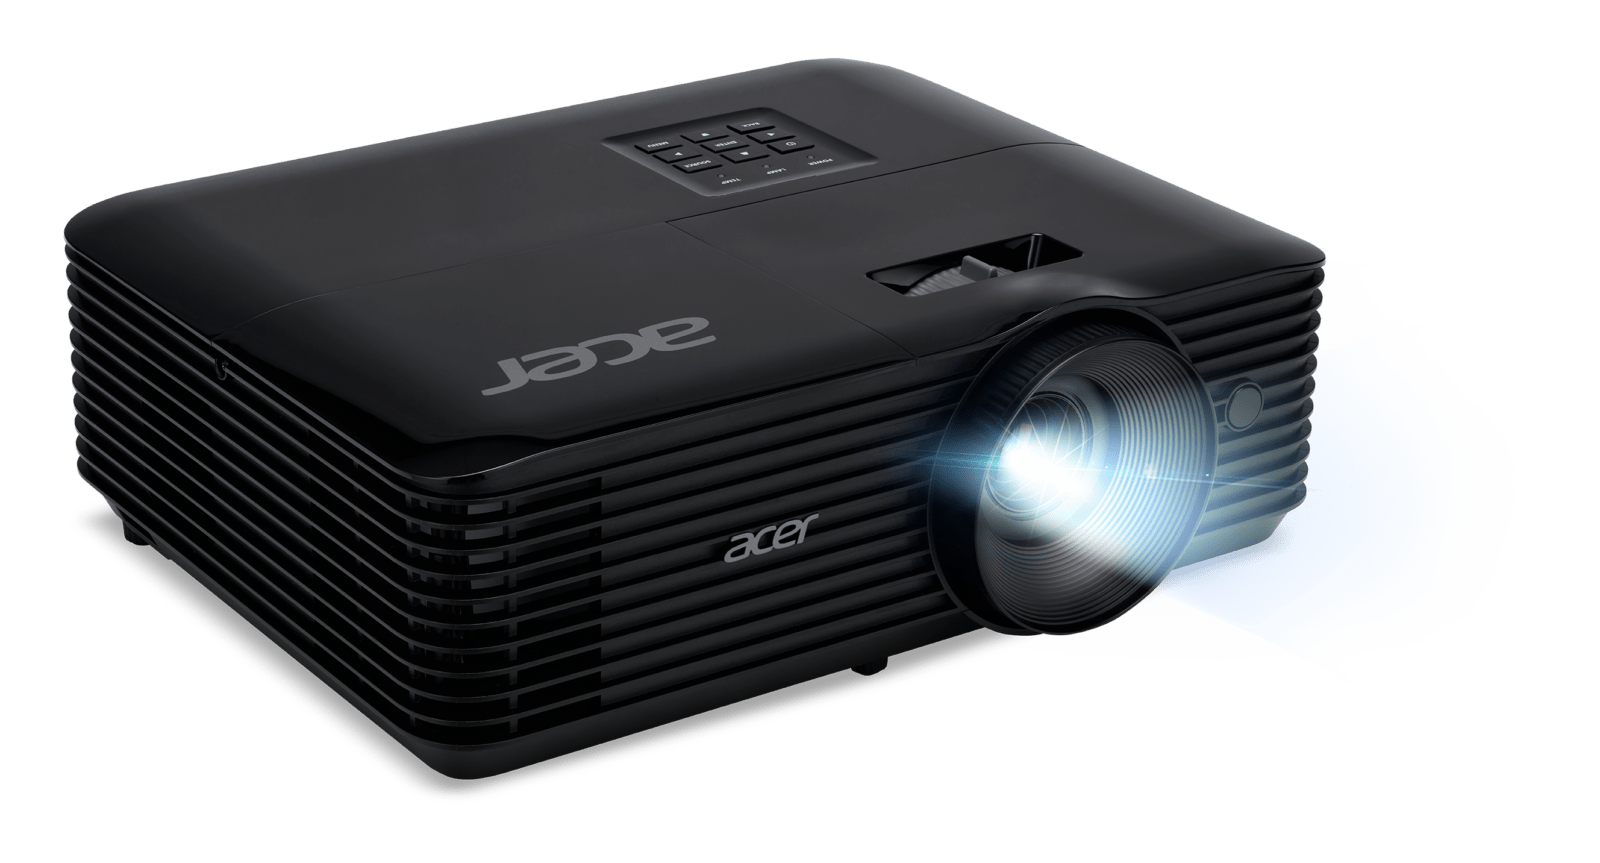 Acer представила новый проектор Acer X1328WH (x1126ah x1226ah x1326awh x1128h x1228h x1328wh light 4)